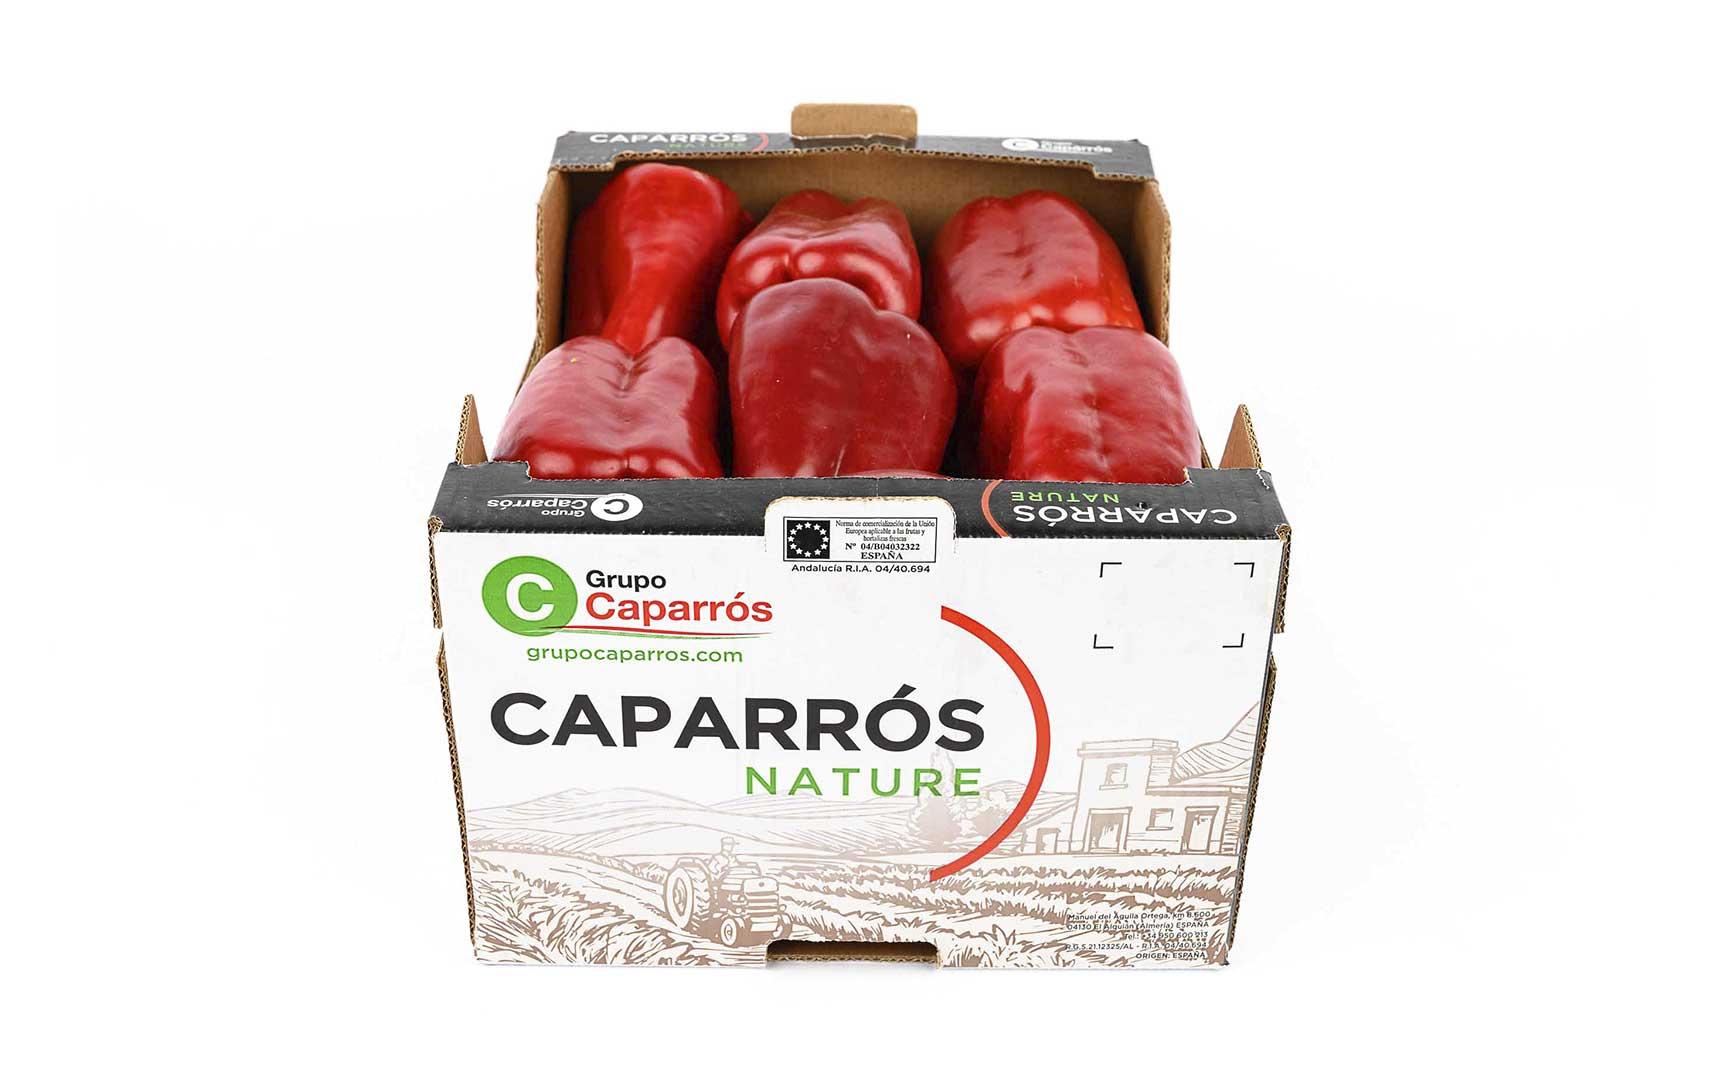 Pimiento Lamuyo - Caparrós